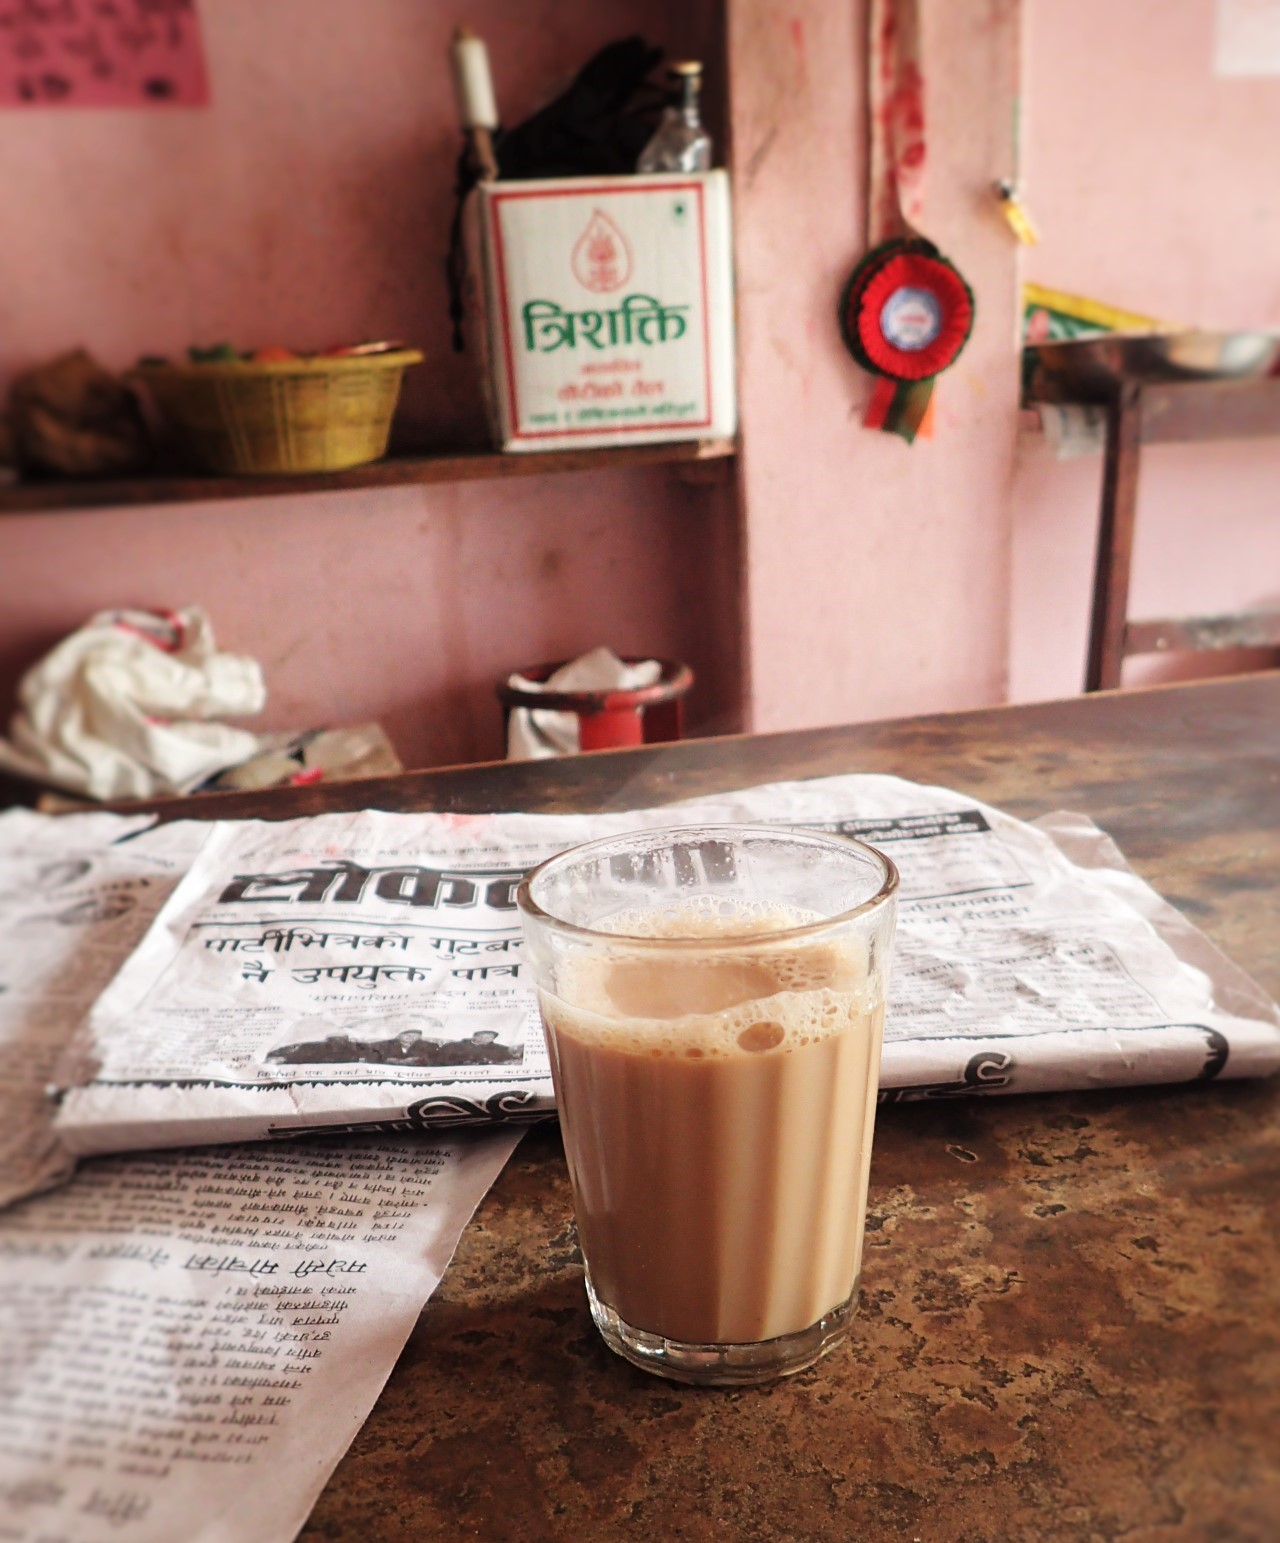 Milk tea2016-01-28 09.19.11.jpg